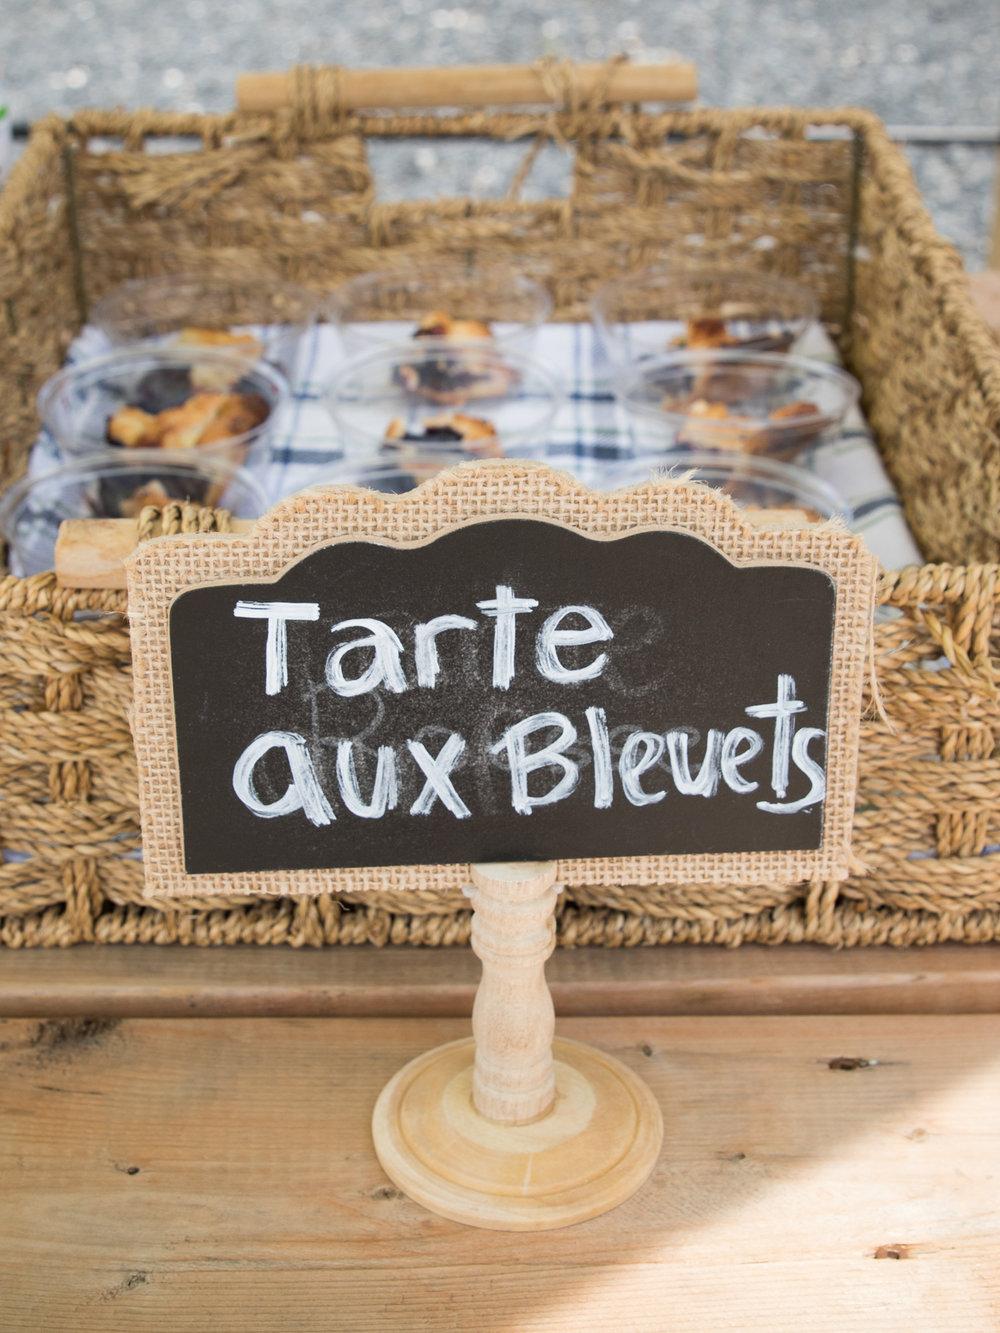 Bleuets_Visite_Juillet2017 (3 sur 10).jpg